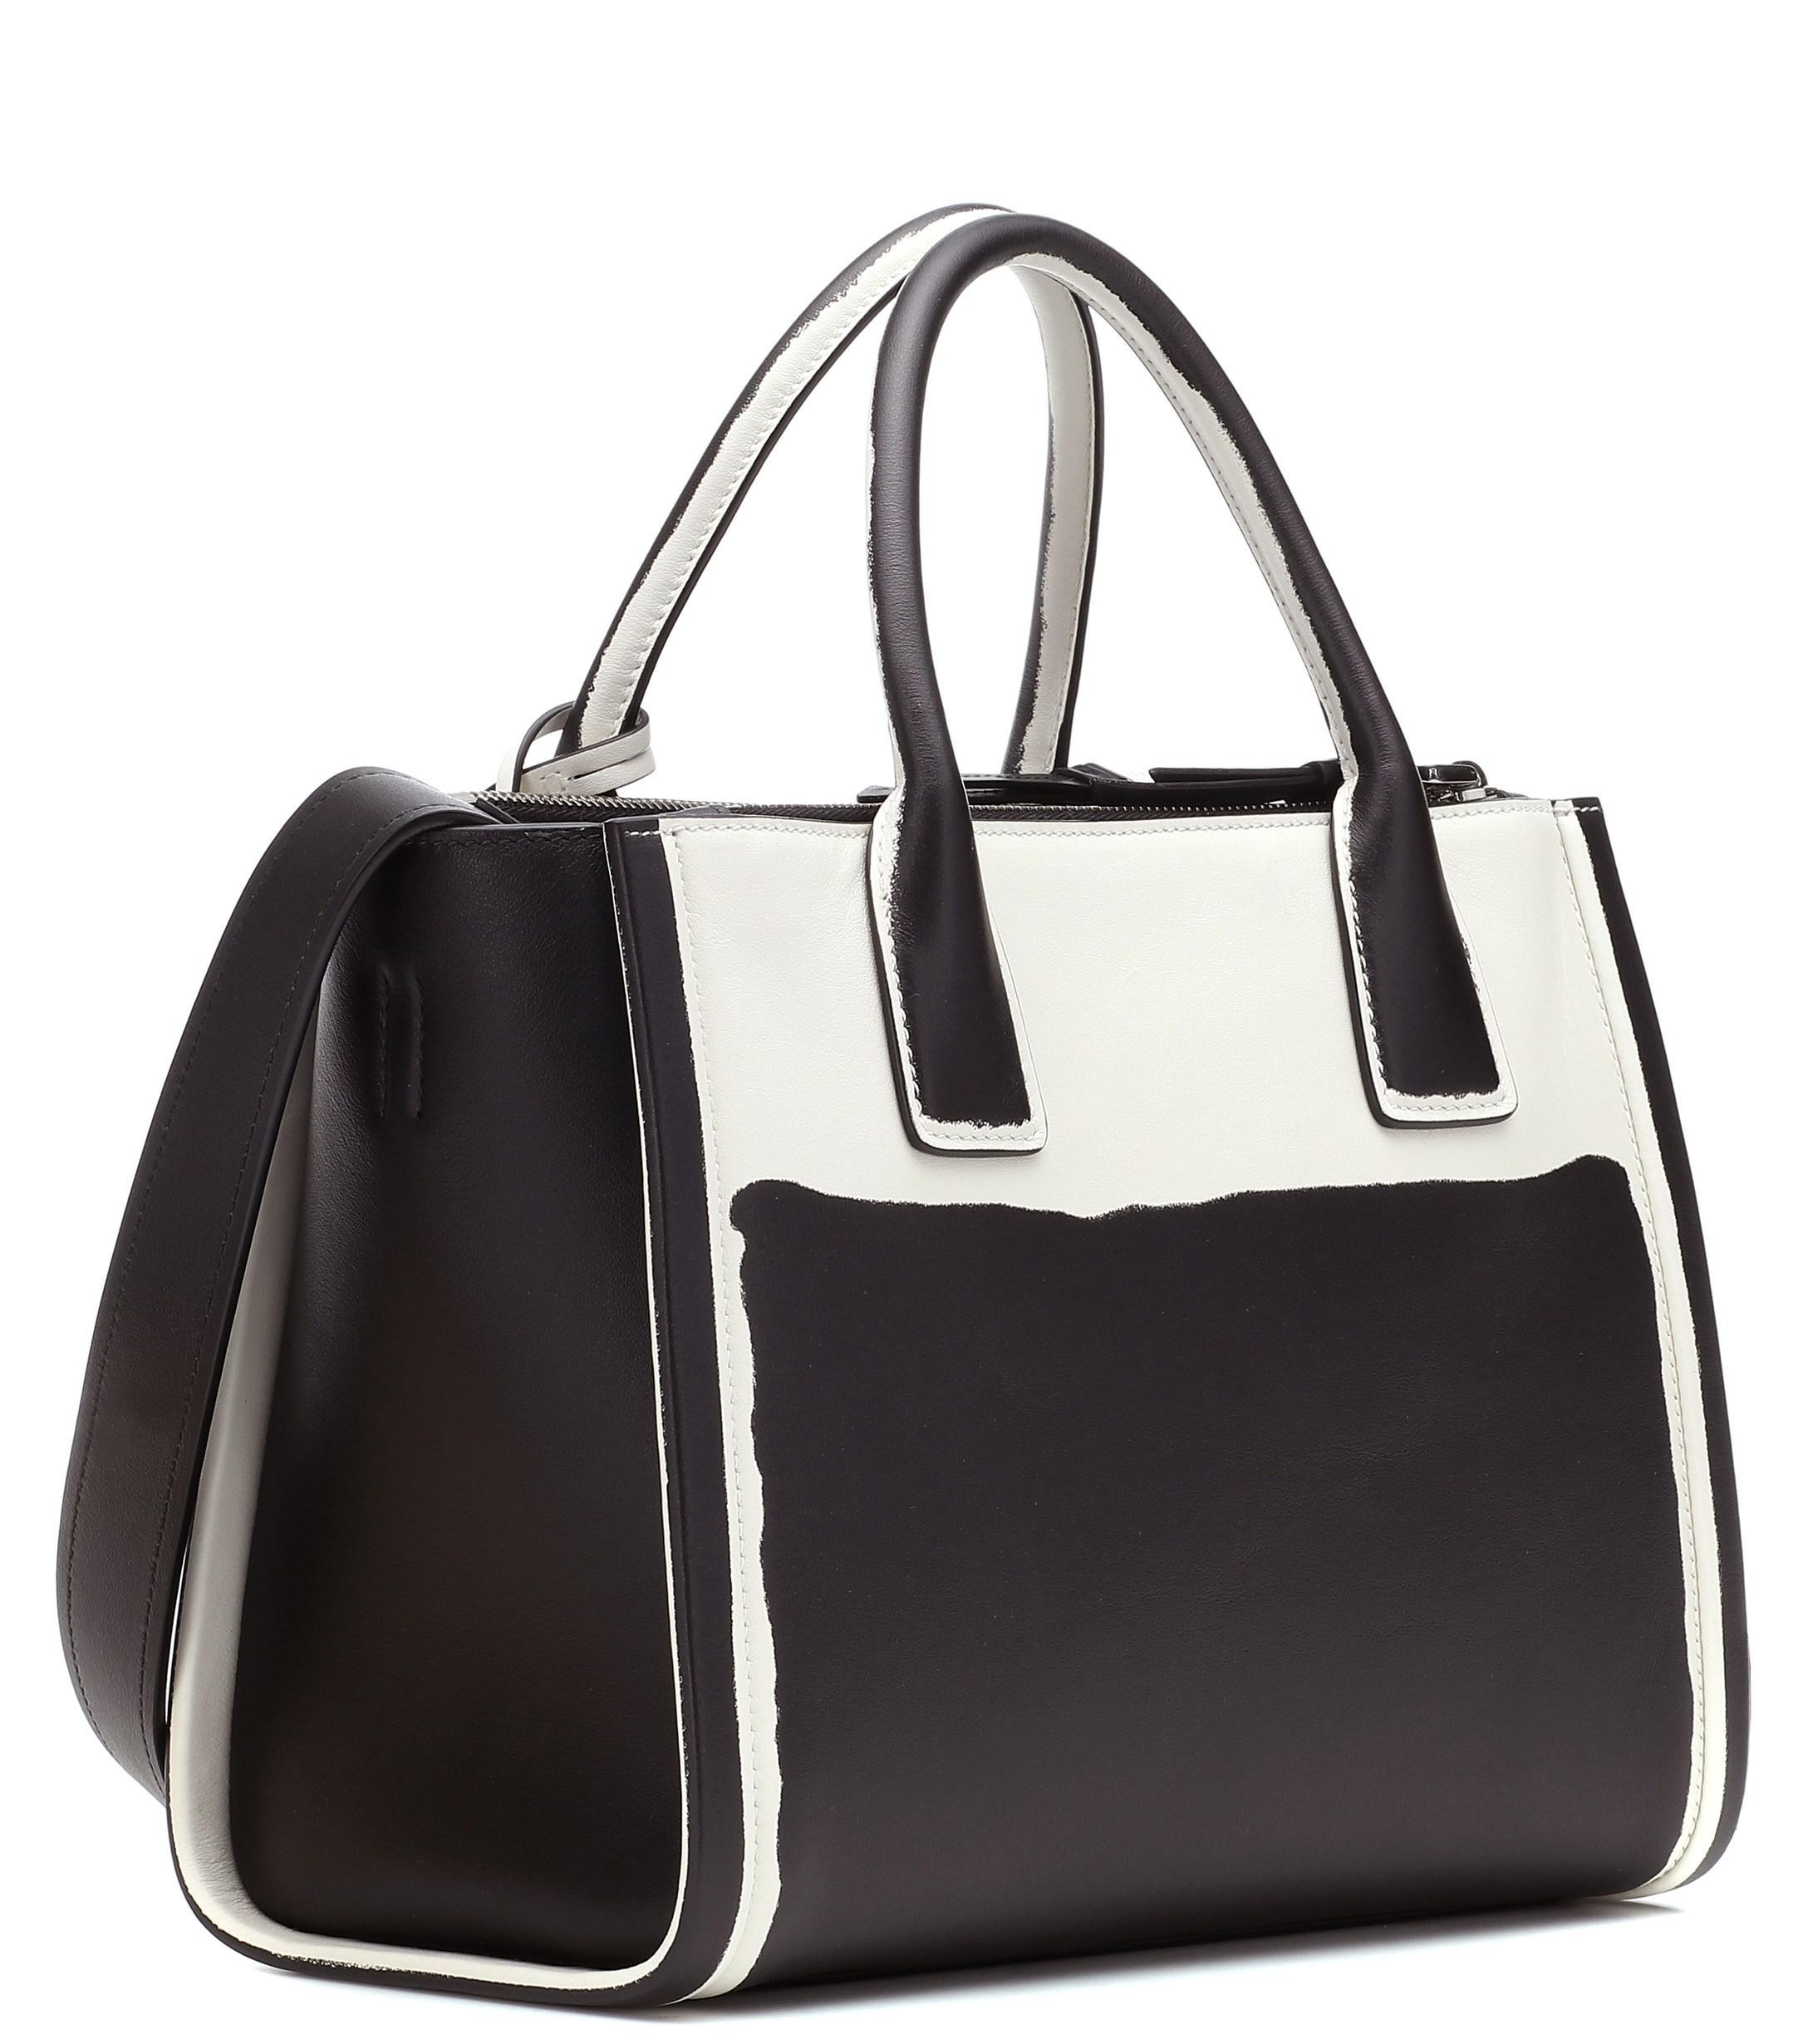 289987429787 Prada Concept Galleria Leather Tote in Black - Lyst